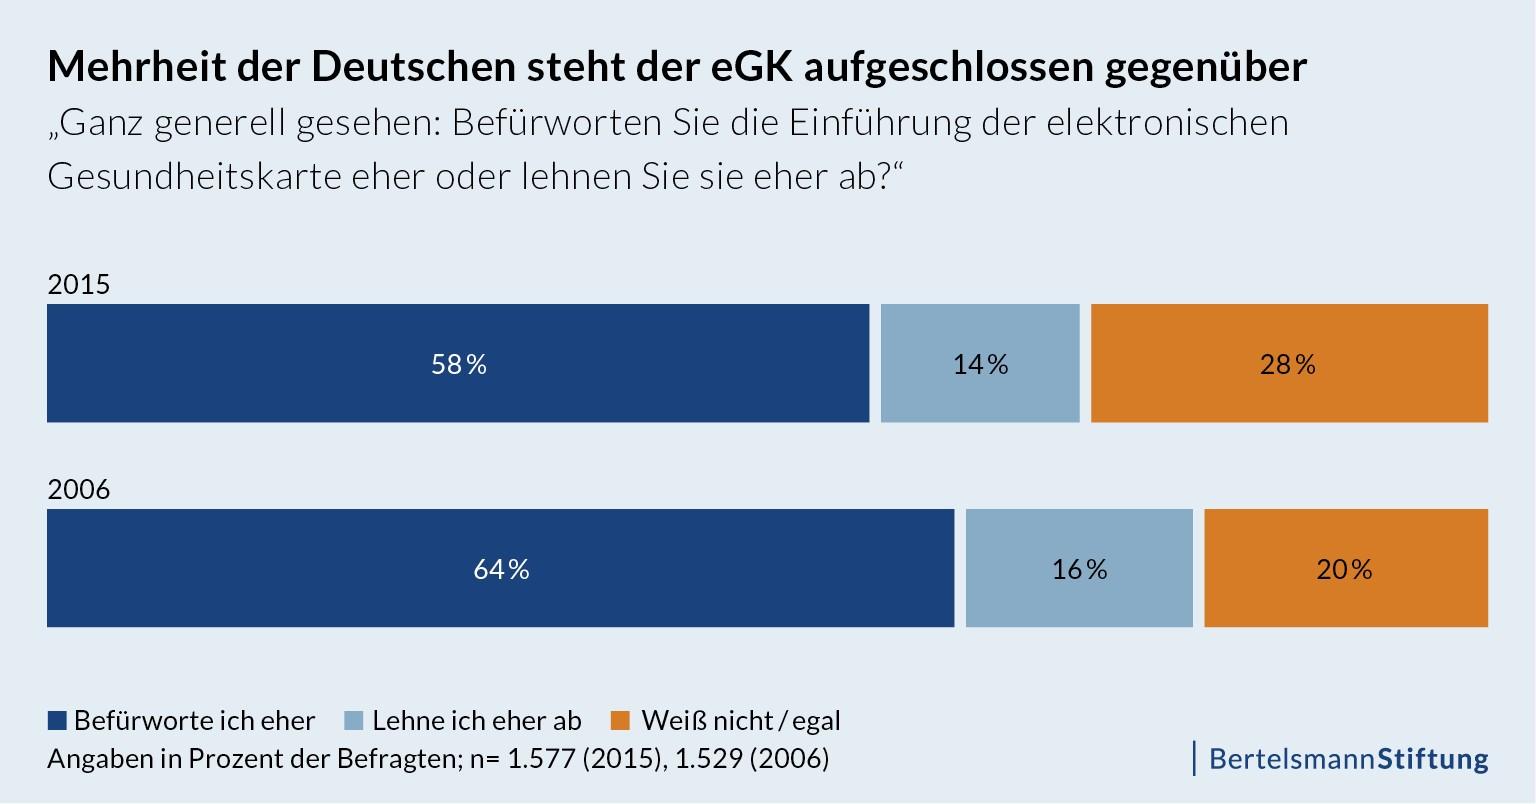 Mehrheit der Deutschen steht der elektronischen Gesundheitskarte aufgeschlossen gegenüber